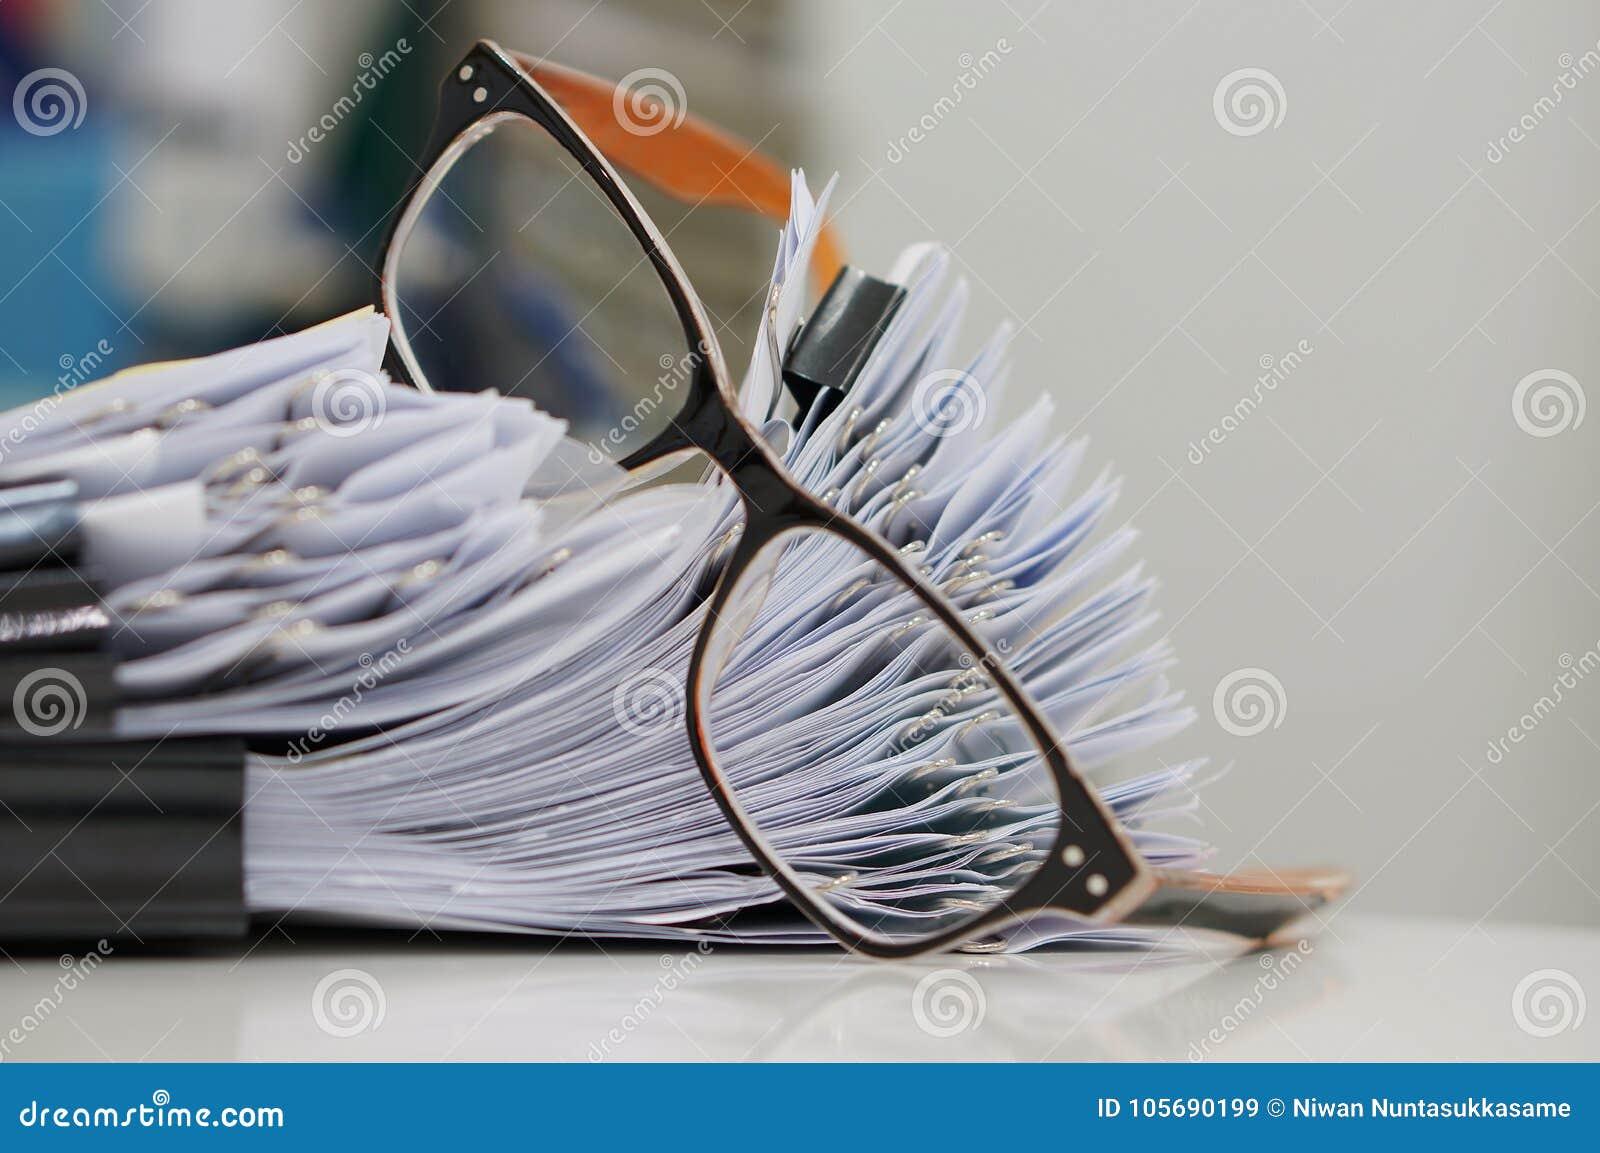 Stapel Papierarchive mit Clipn auf Schreibtisch für Bericht und Gläsern im Büro am Morgen